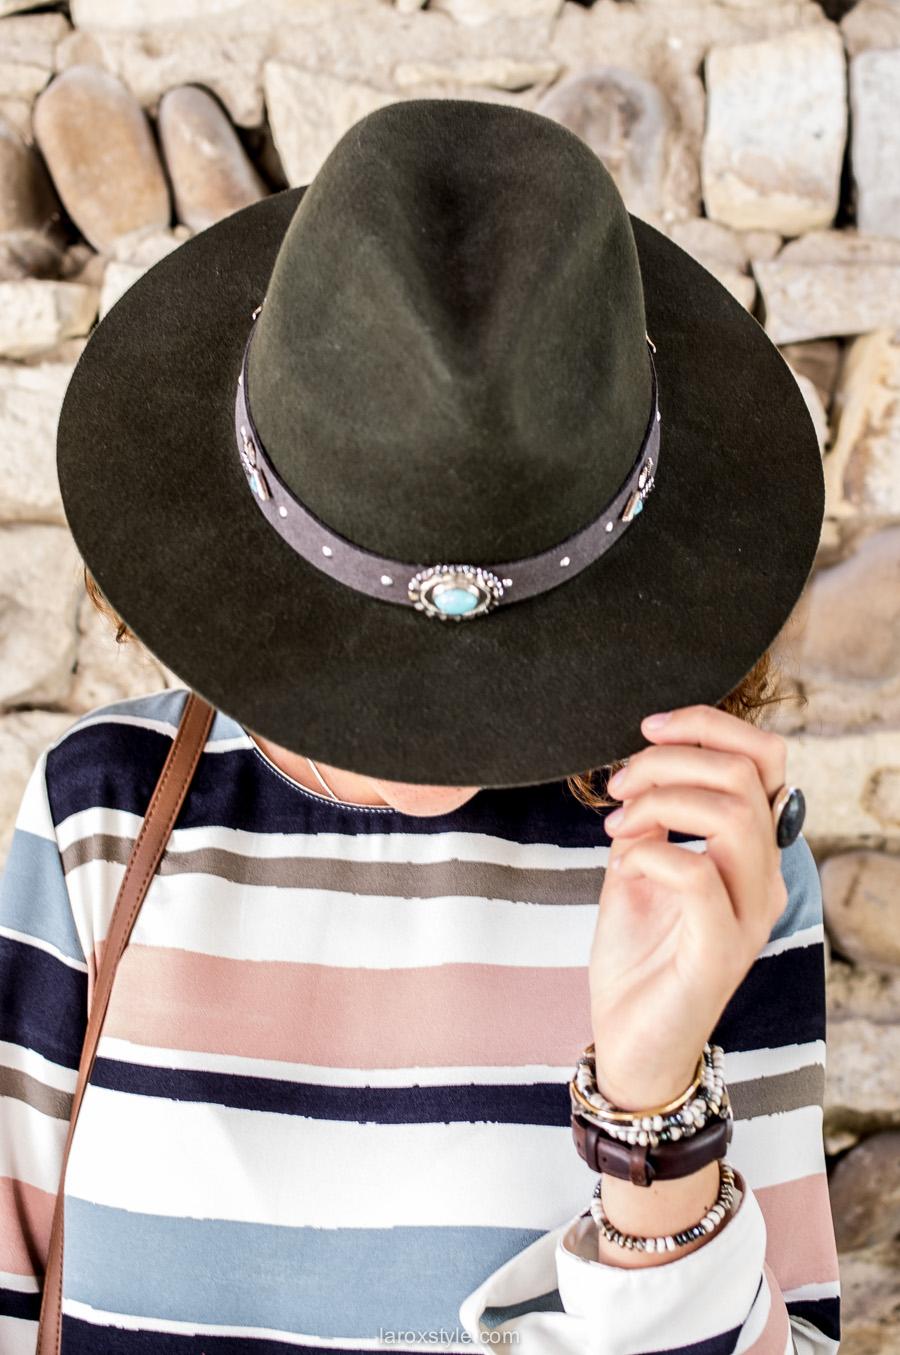 ranger hat amenapih - chapeau cow boy amenapih - blog mode lyon